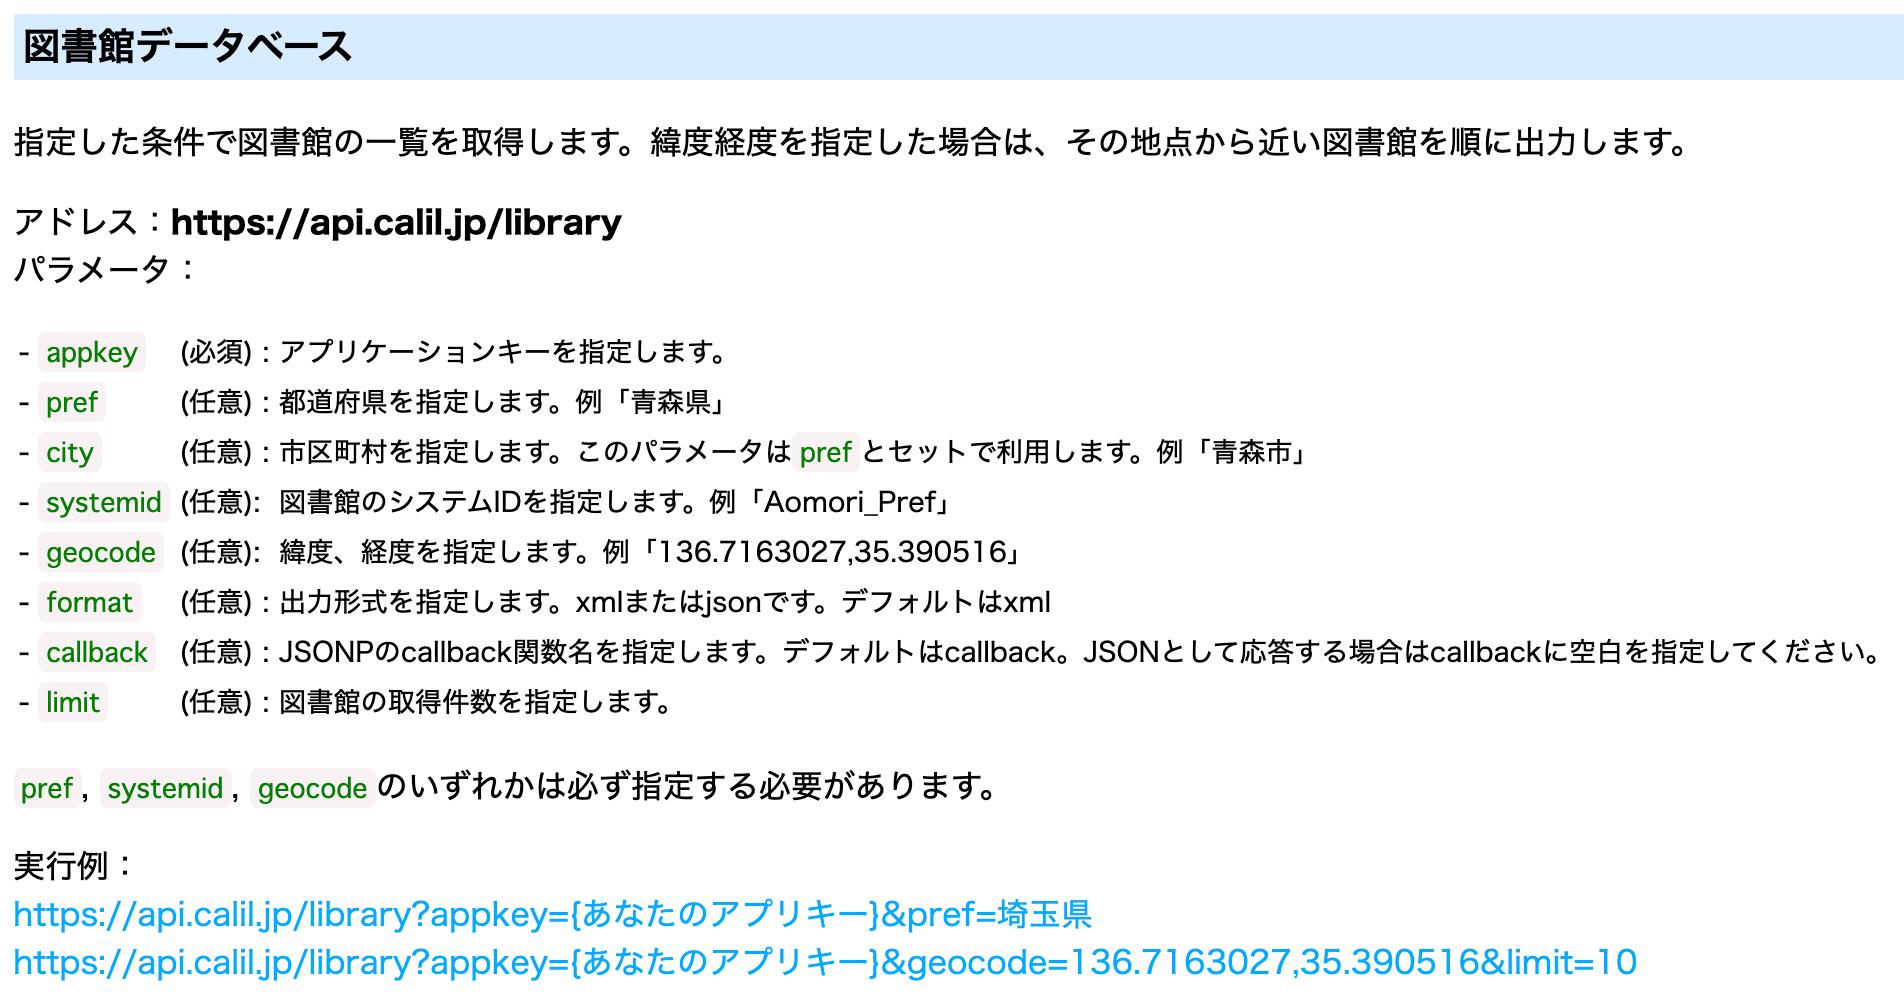 スクリーンショット 2021-02-18 10.27.50.png